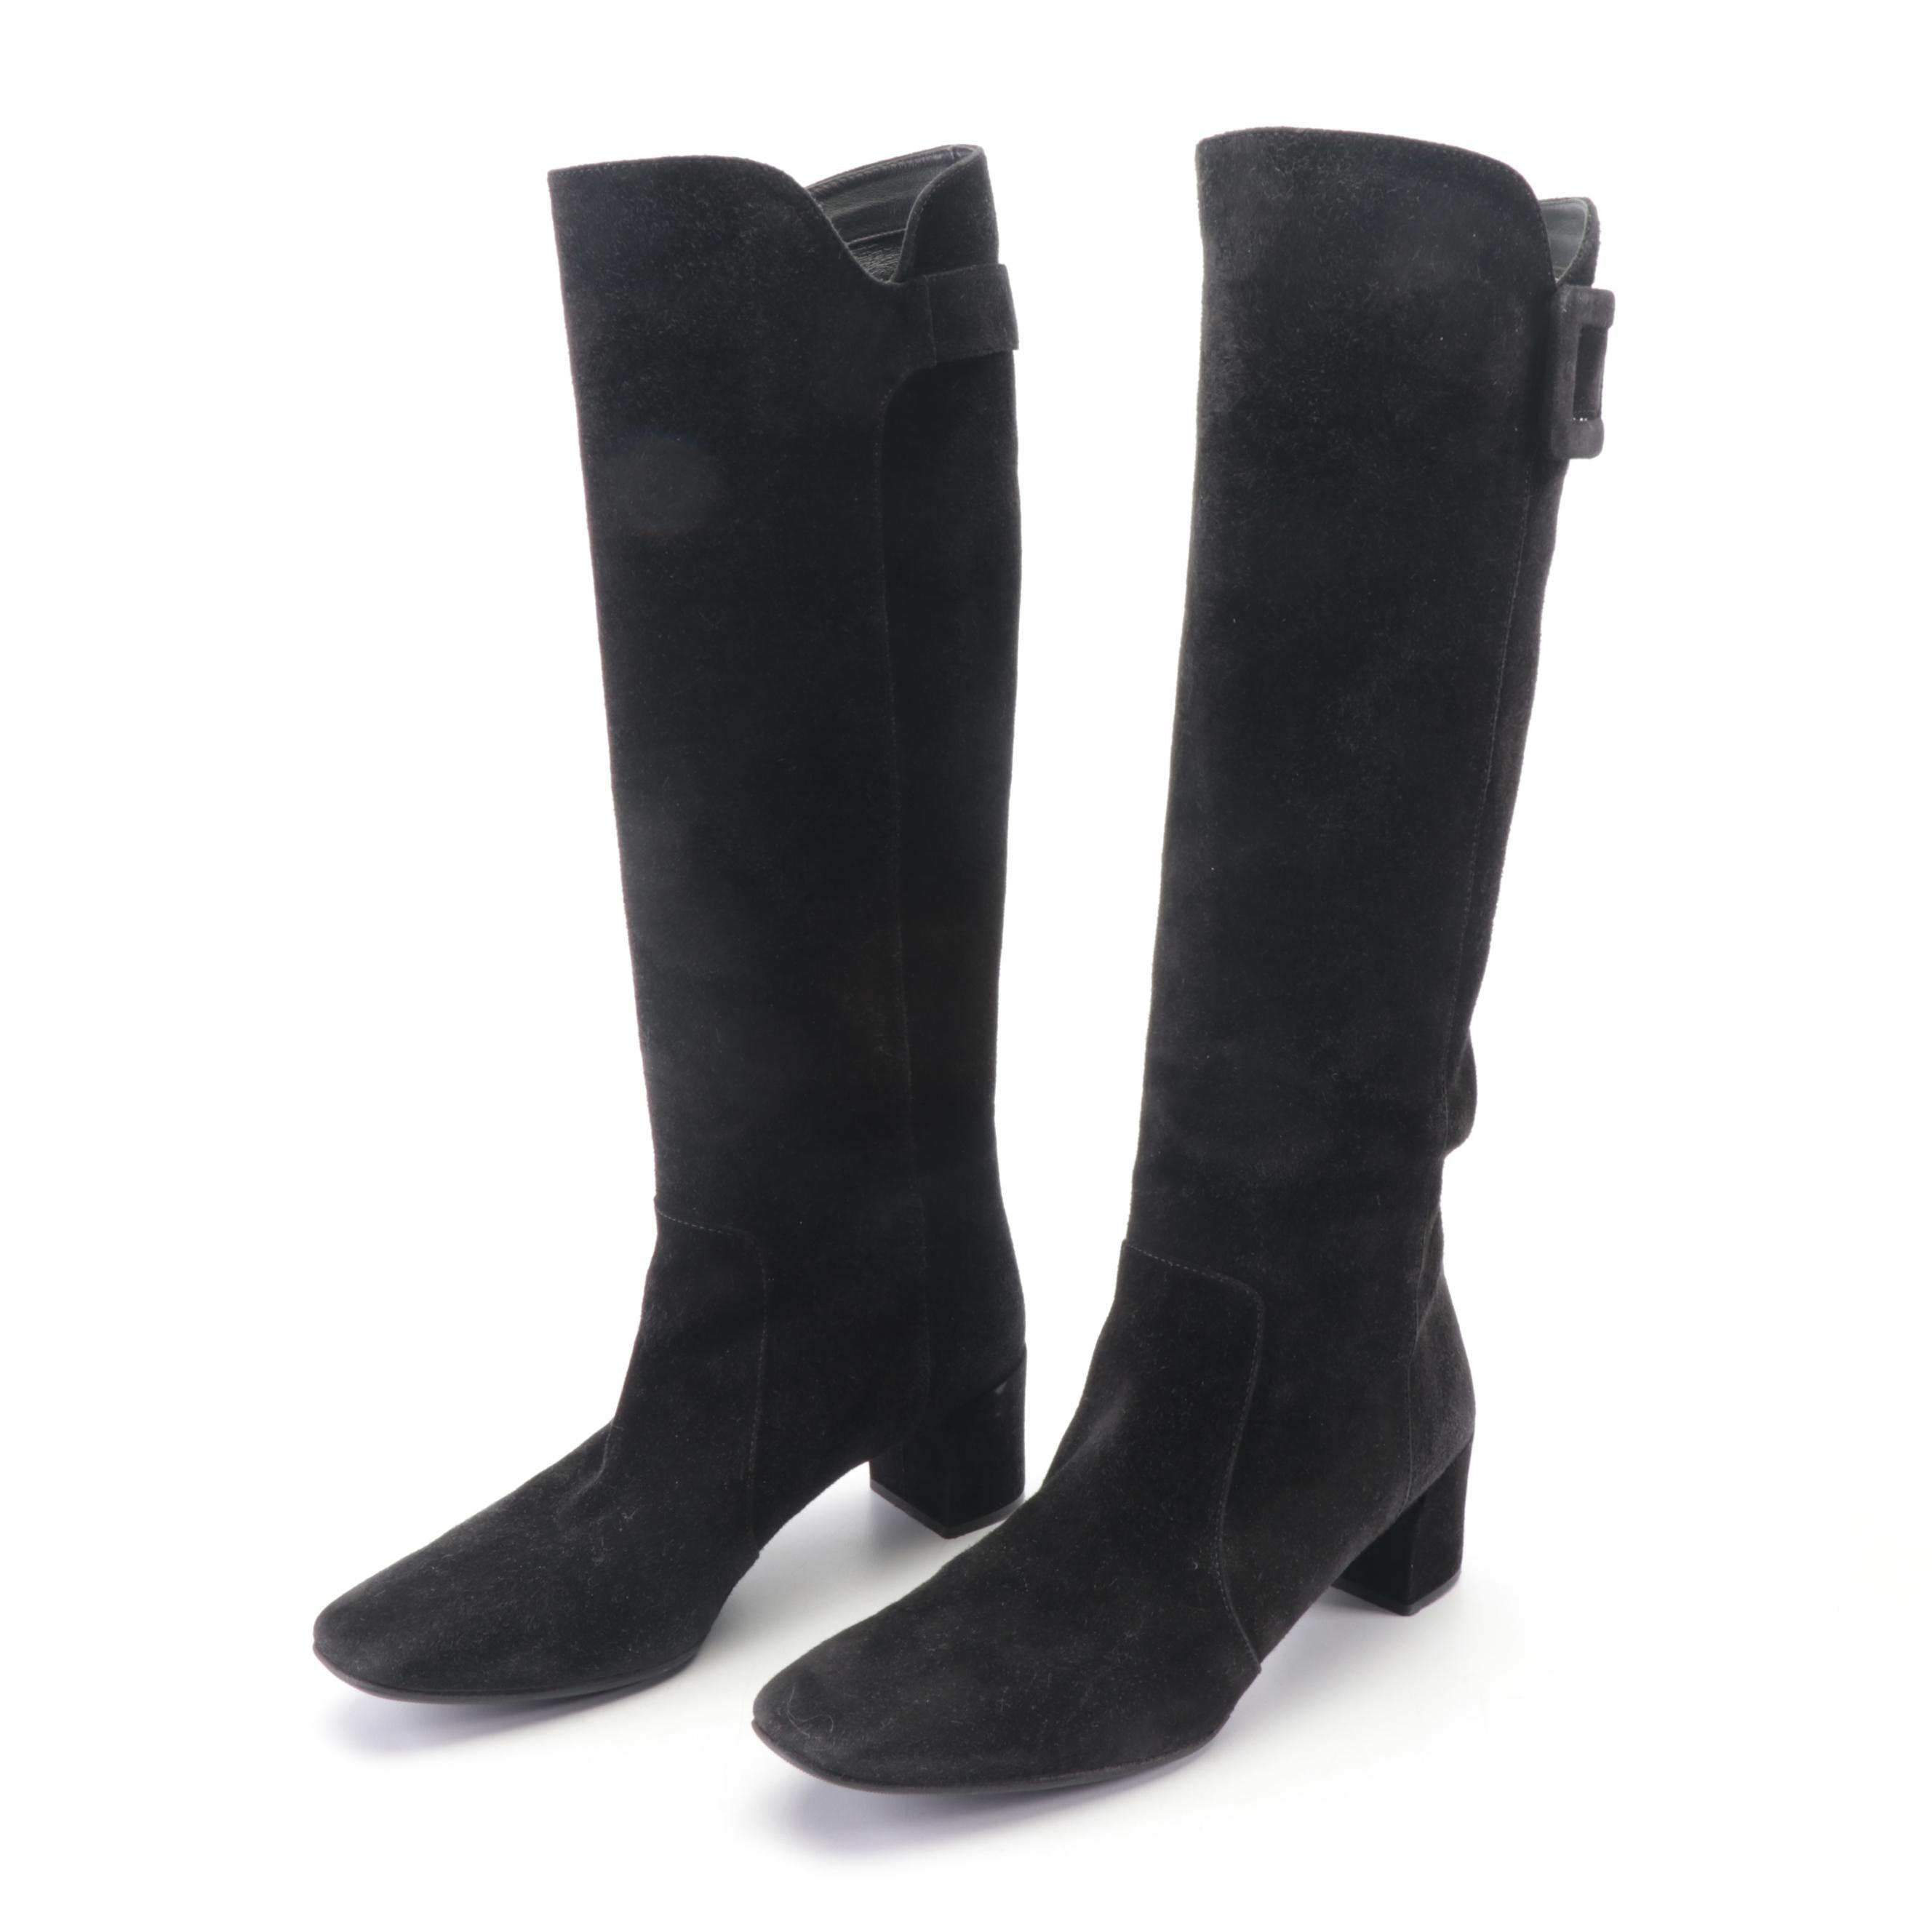 Roger Vivier Paris Black Suede Tall Boots